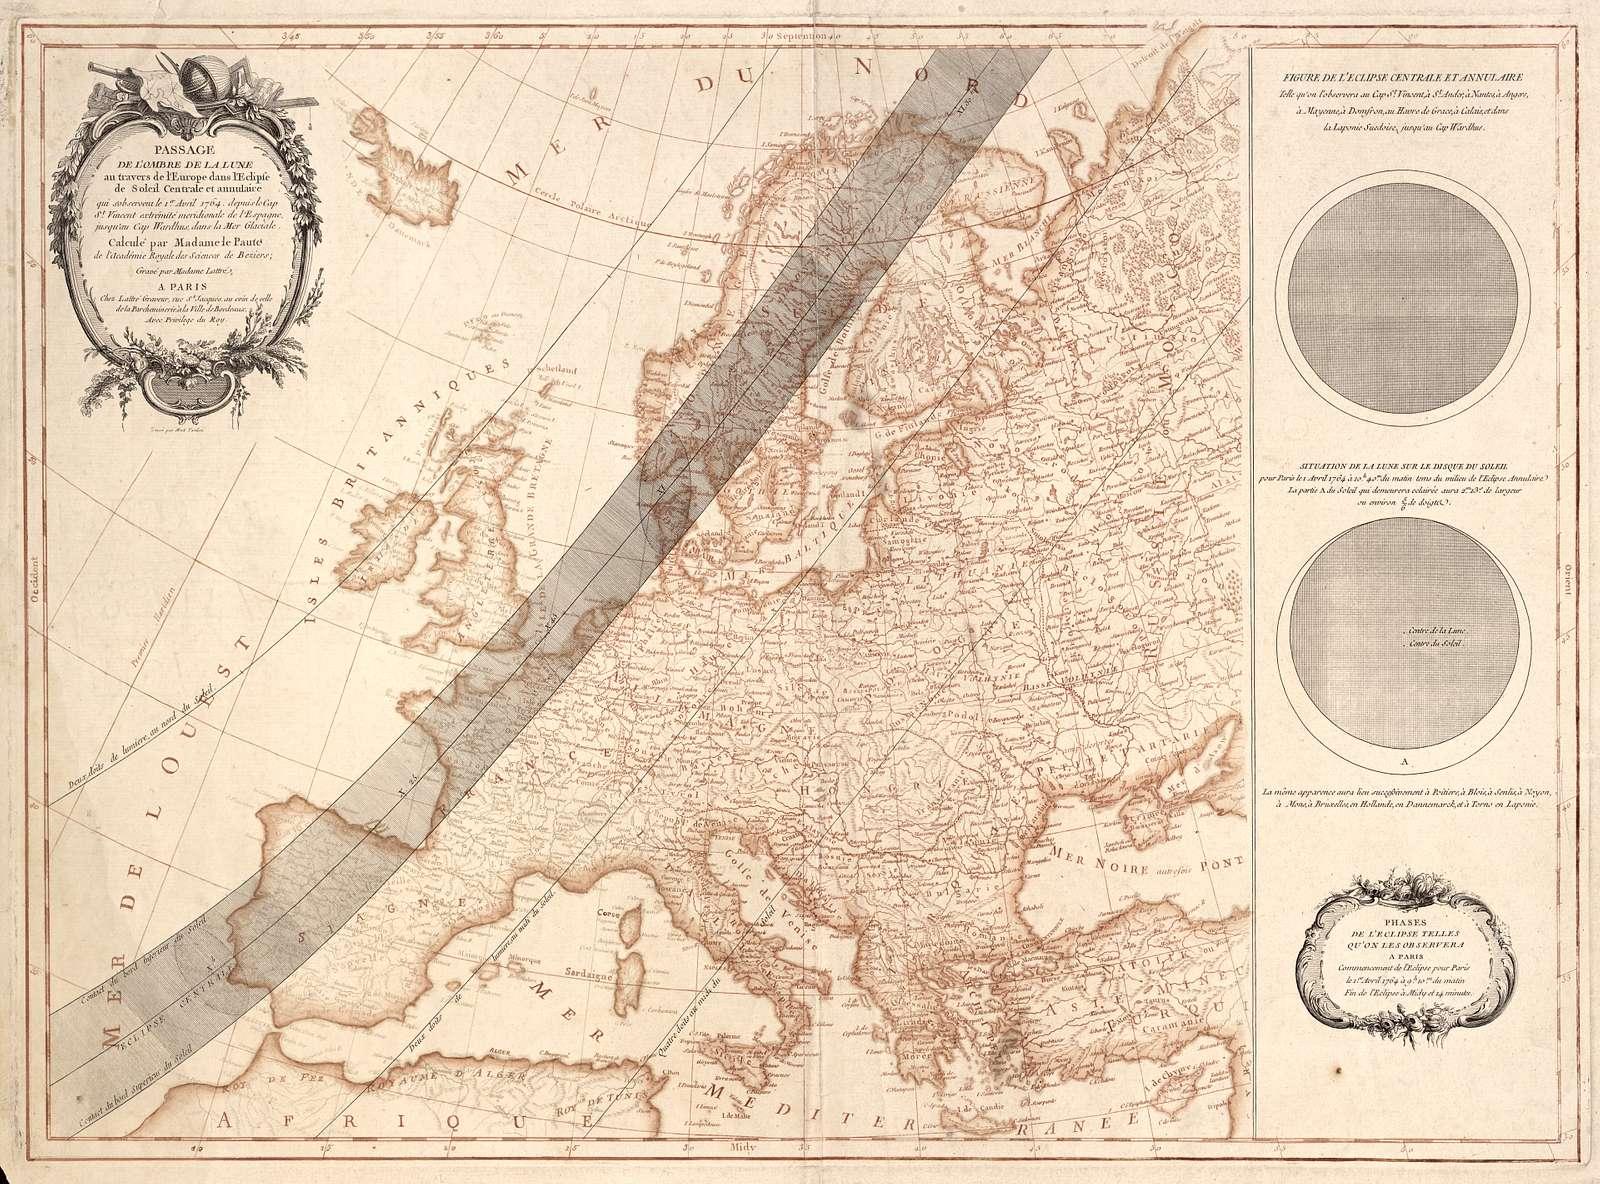 Passage de l'ombre de la Lune au travers de l'Europe dans l'éclipse de Soleil centrale et annulaire : qui s'observent le 1er avril 1764, depuis le Cap St. Vincent extrémité meridionale de l'Espagne, jusqu'au Cap Wardhus, dans la Mer Glaciale /